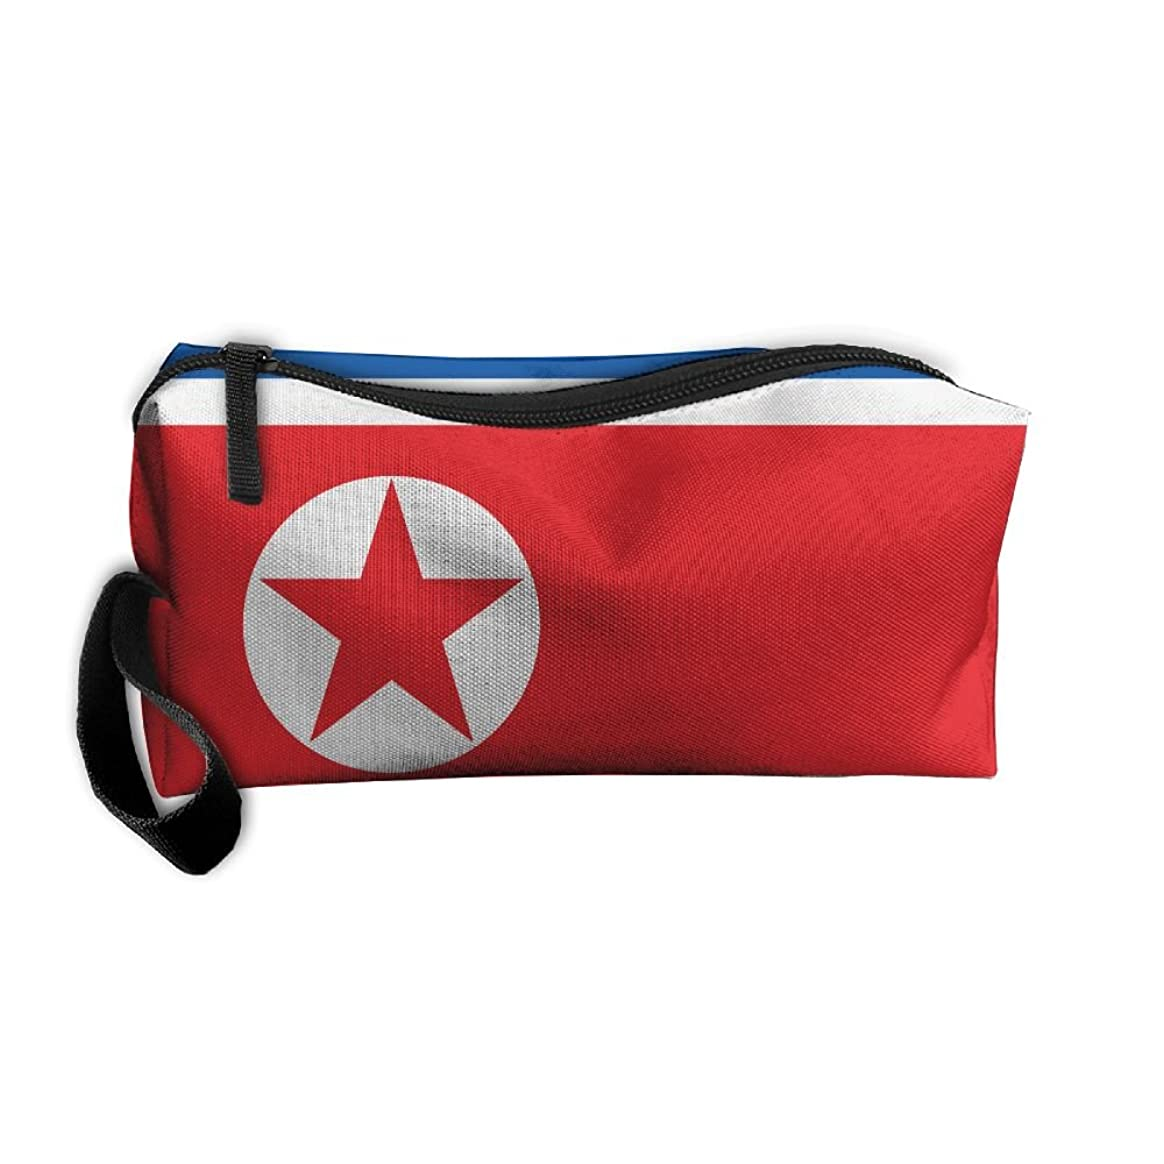 制約食器棚ボルト北朝鮮の国旗 化粧ポーチ 収納ポーチ コスメポーチ ペンケース ペンポーチ 小物入れ トラベルポーチ 軽量 防水 携帯用